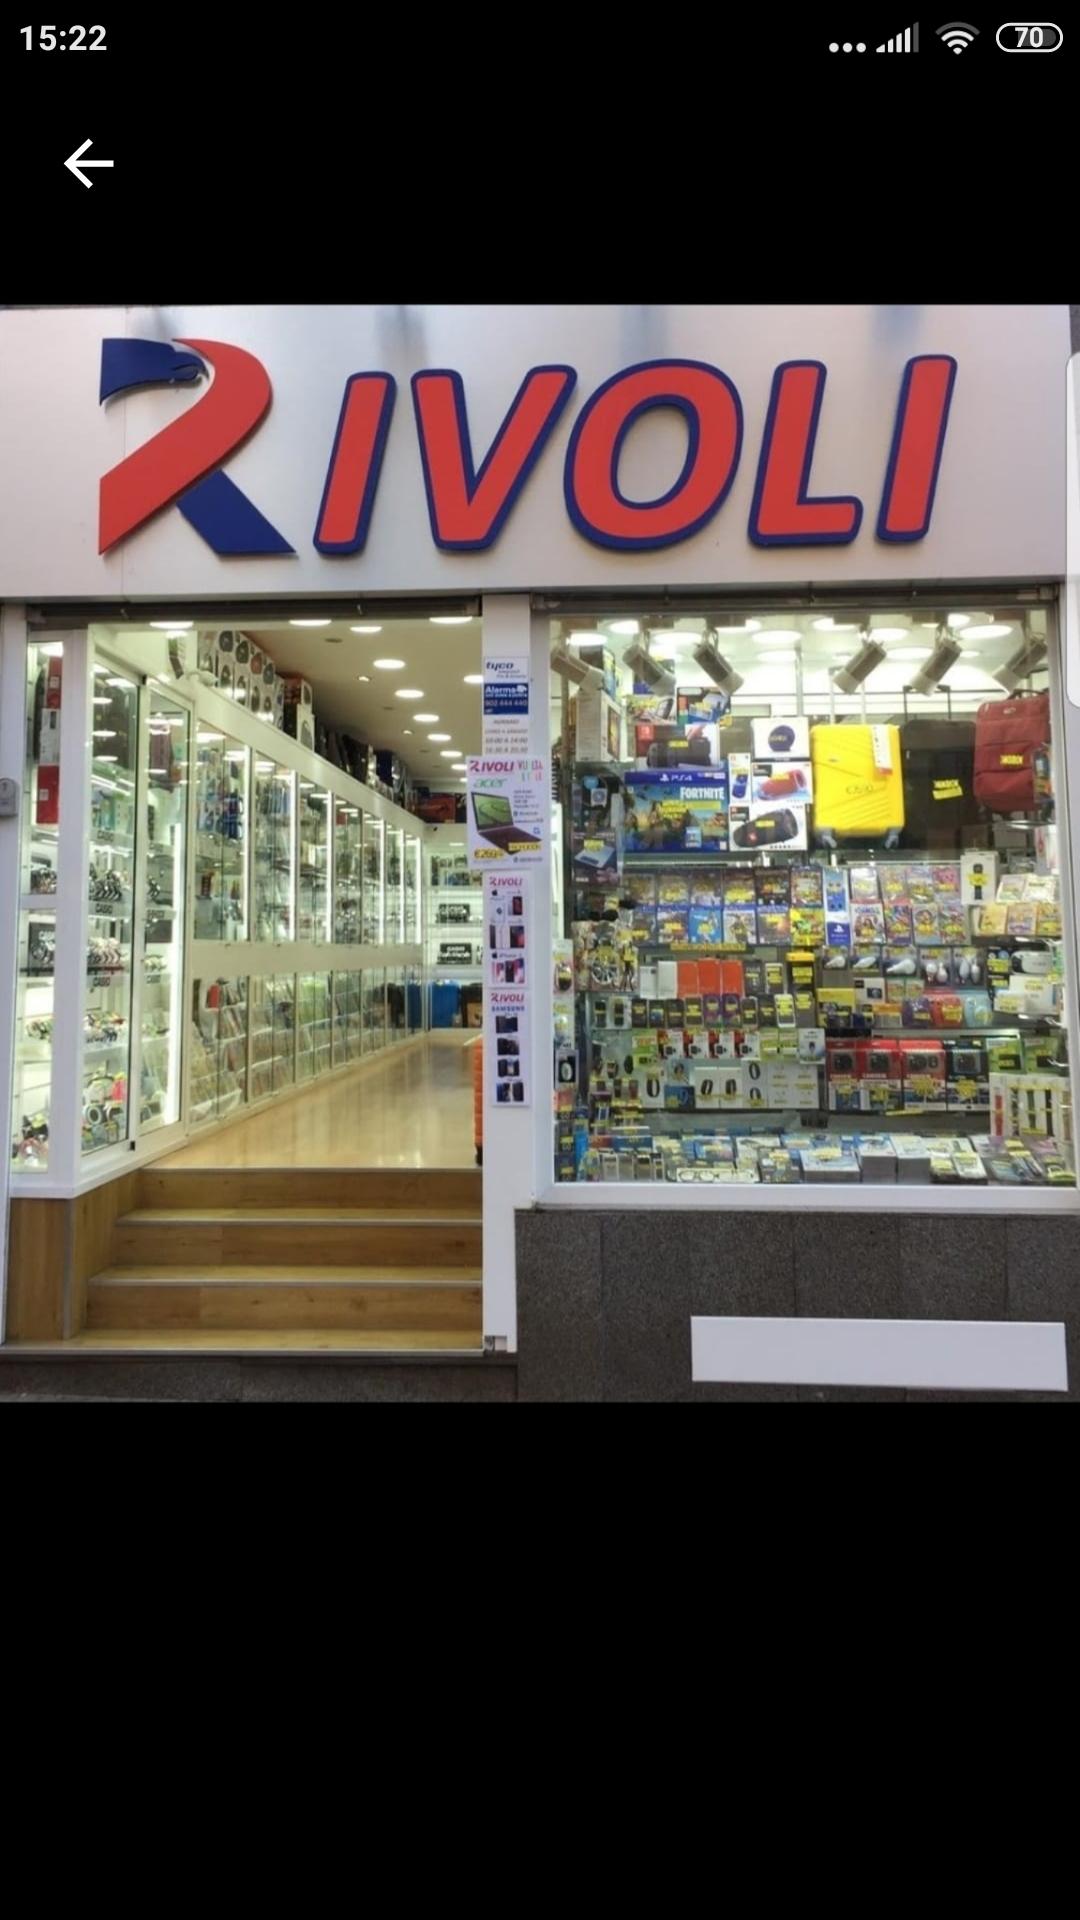 RIVOLI